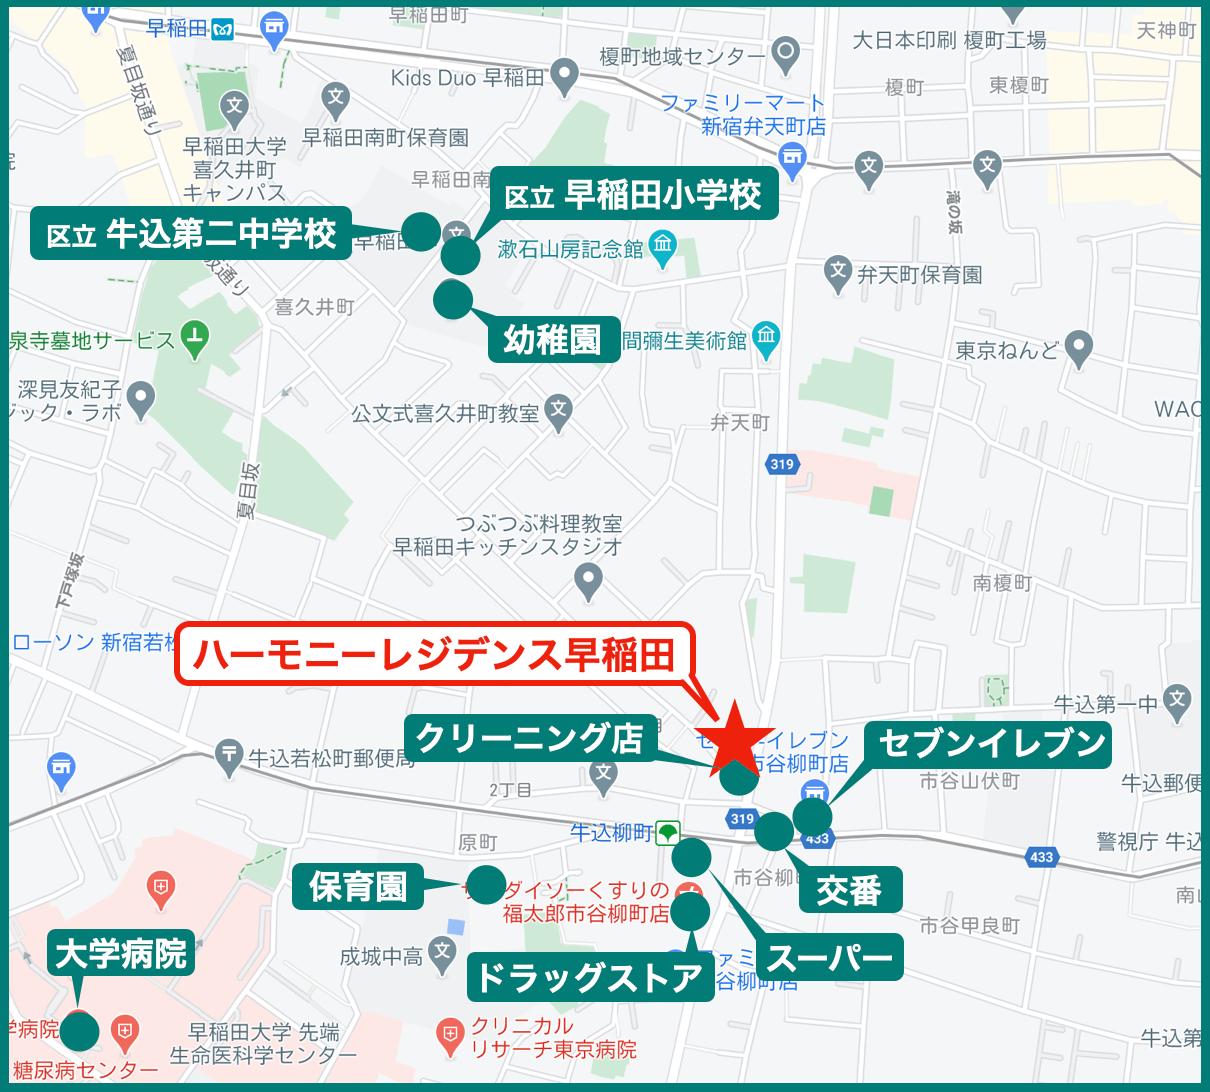 ハーモニーレジデンス早稲田の周辺施設